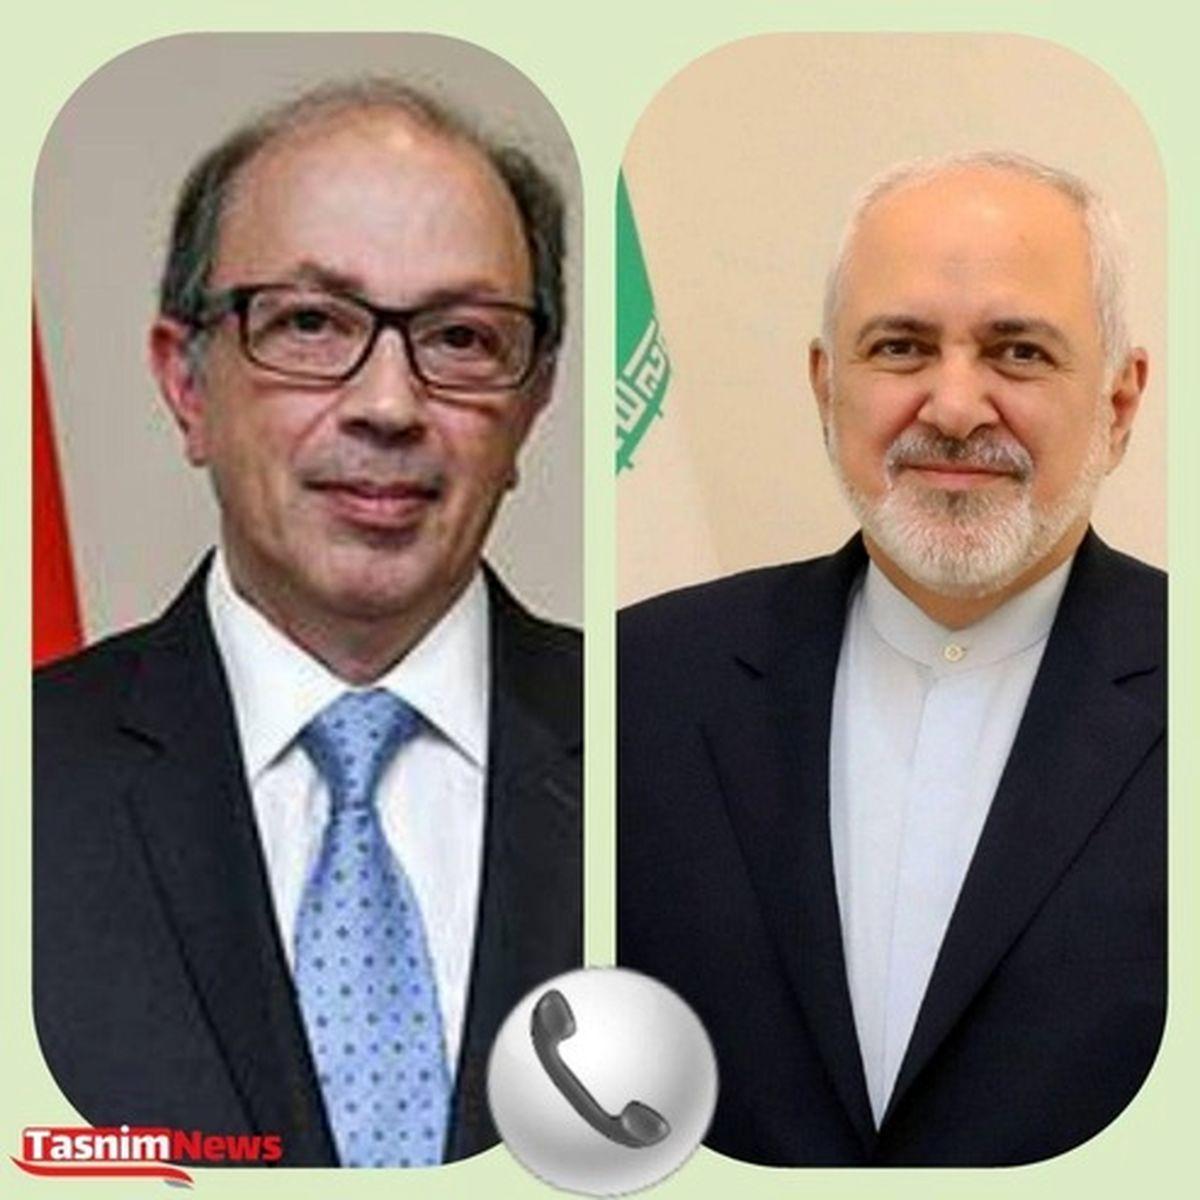 ایران آماده توسعه همکاریهای اقتصادی با ارمنستان